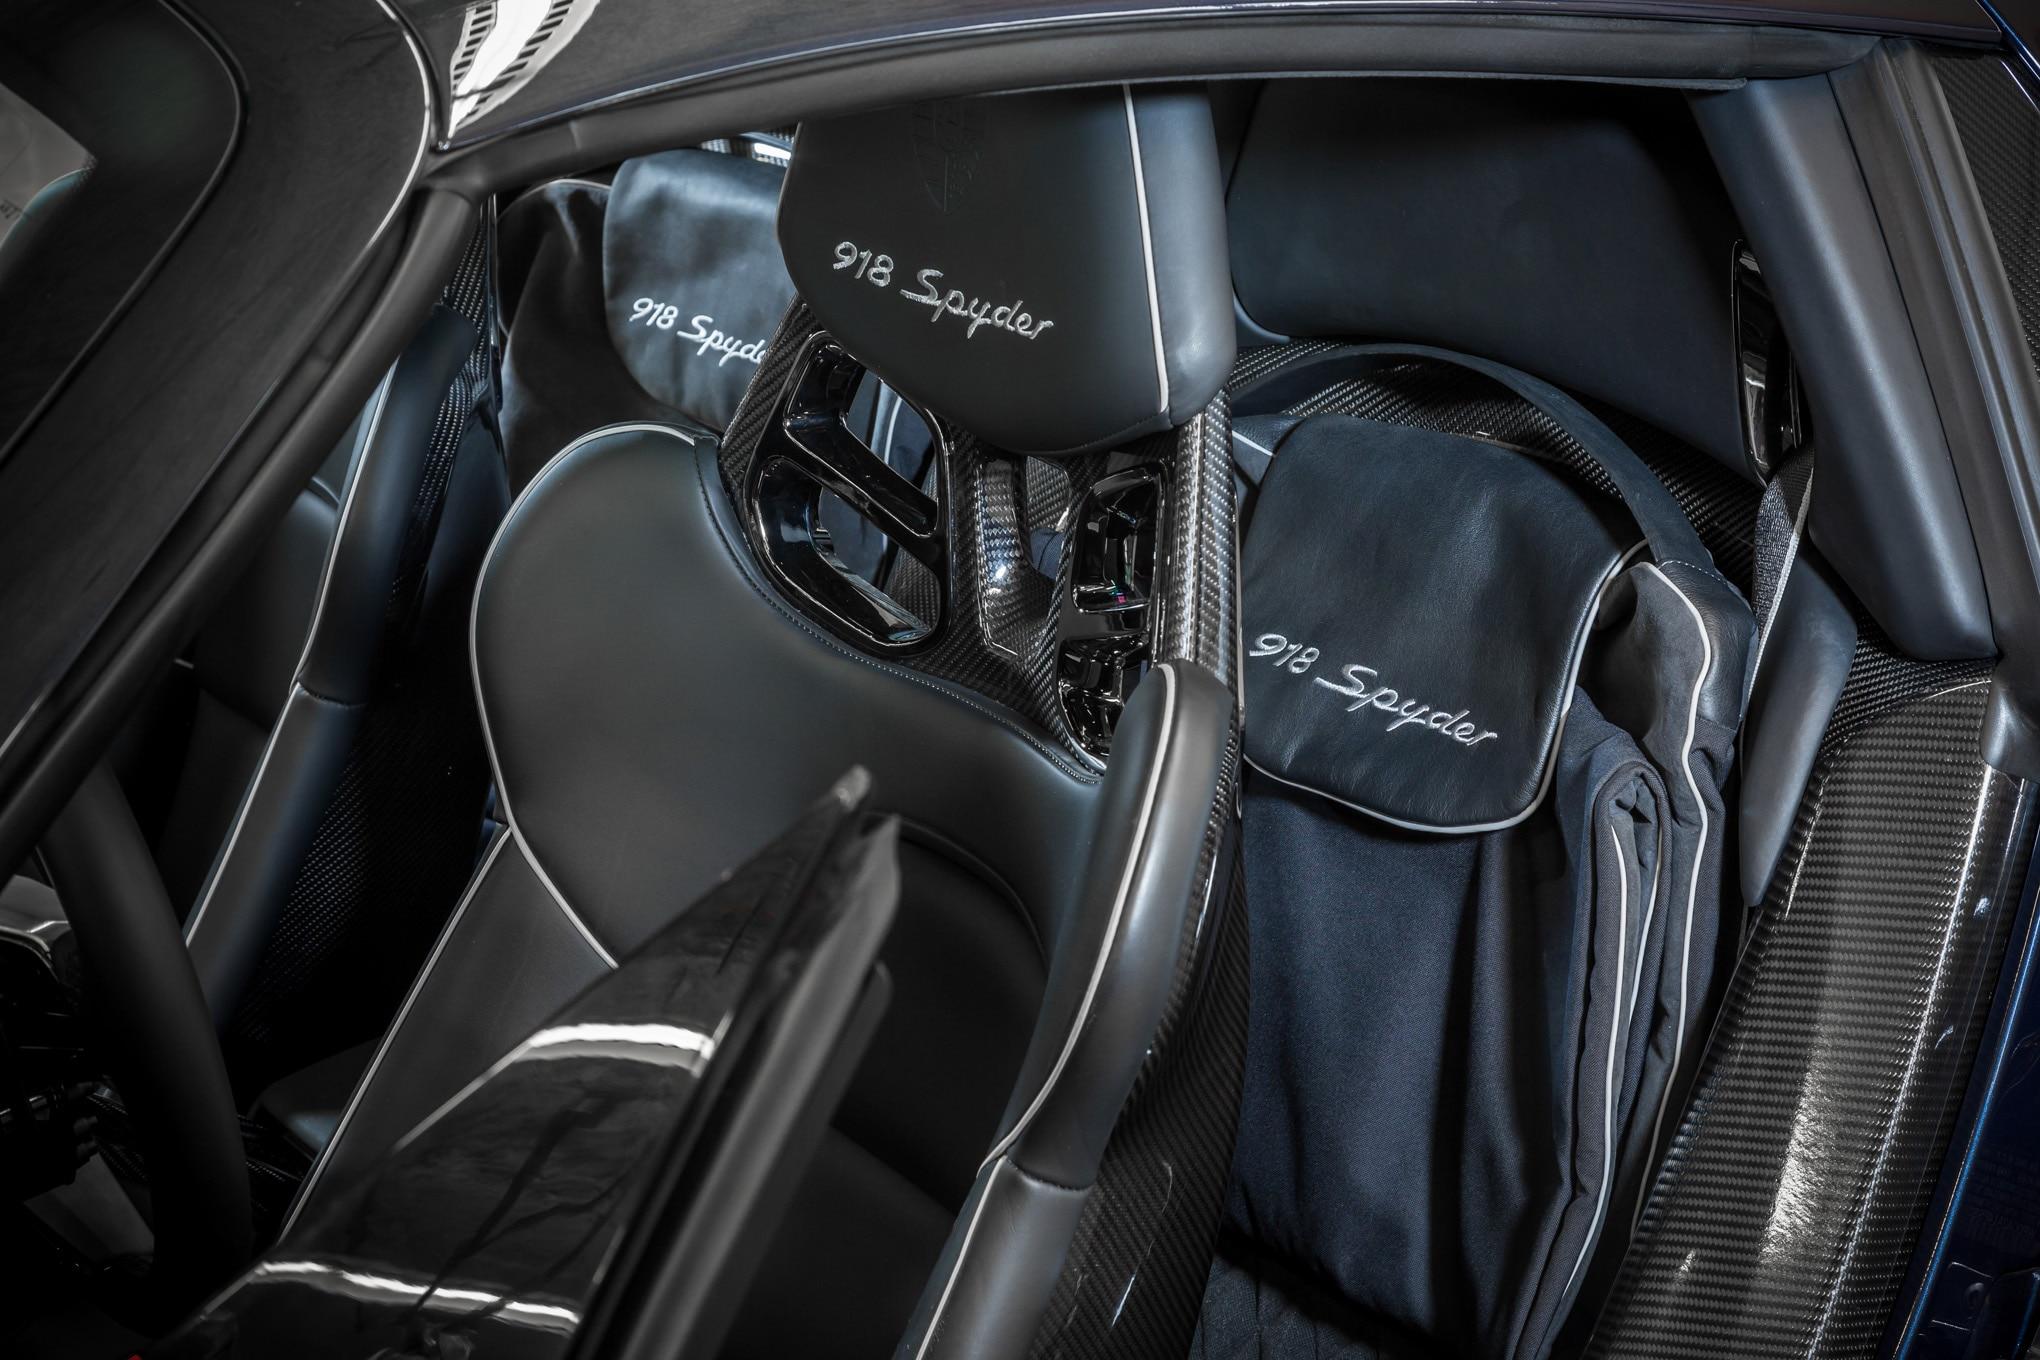 2015-Porsche-918-Spyder-interior-seats1 Wonderful Porsche 918 Spyder Engine sound Cars Trend